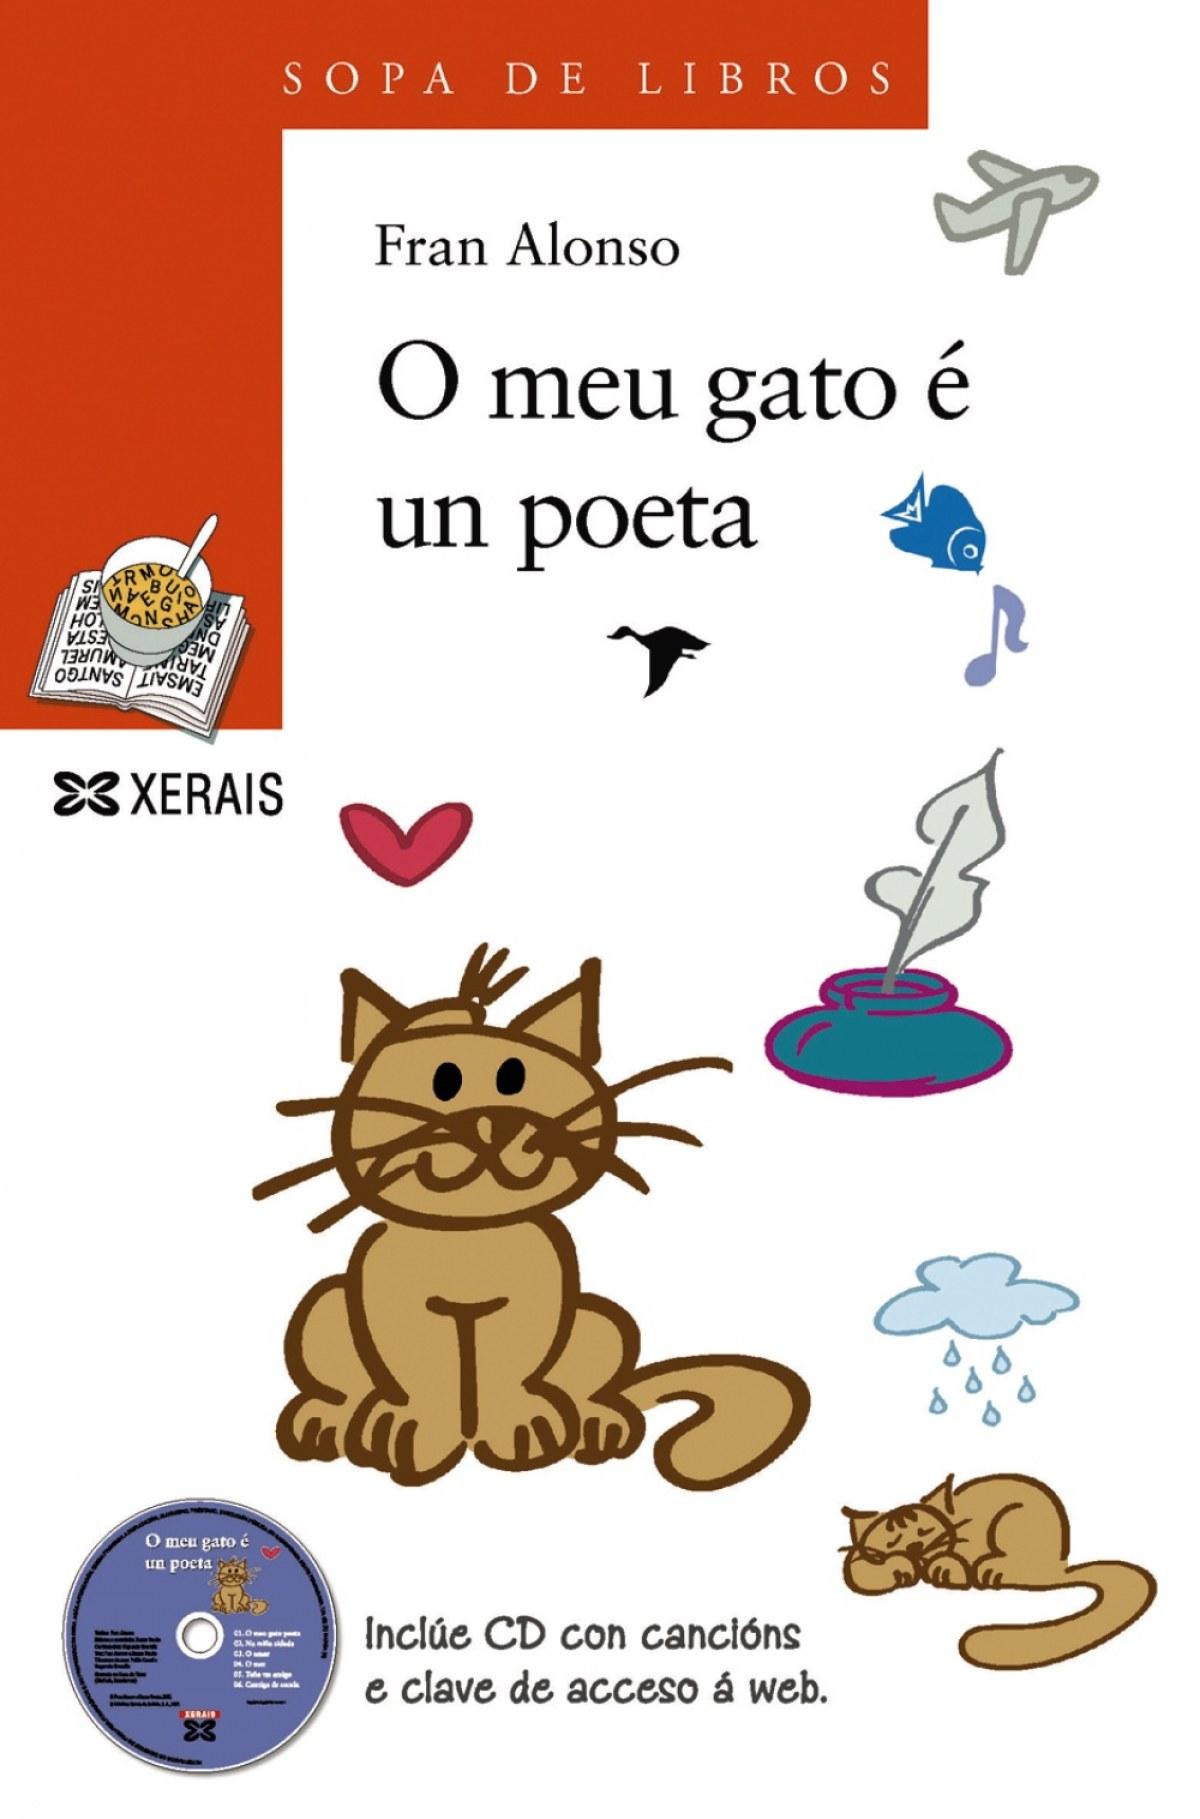 O meu gato é un poeta